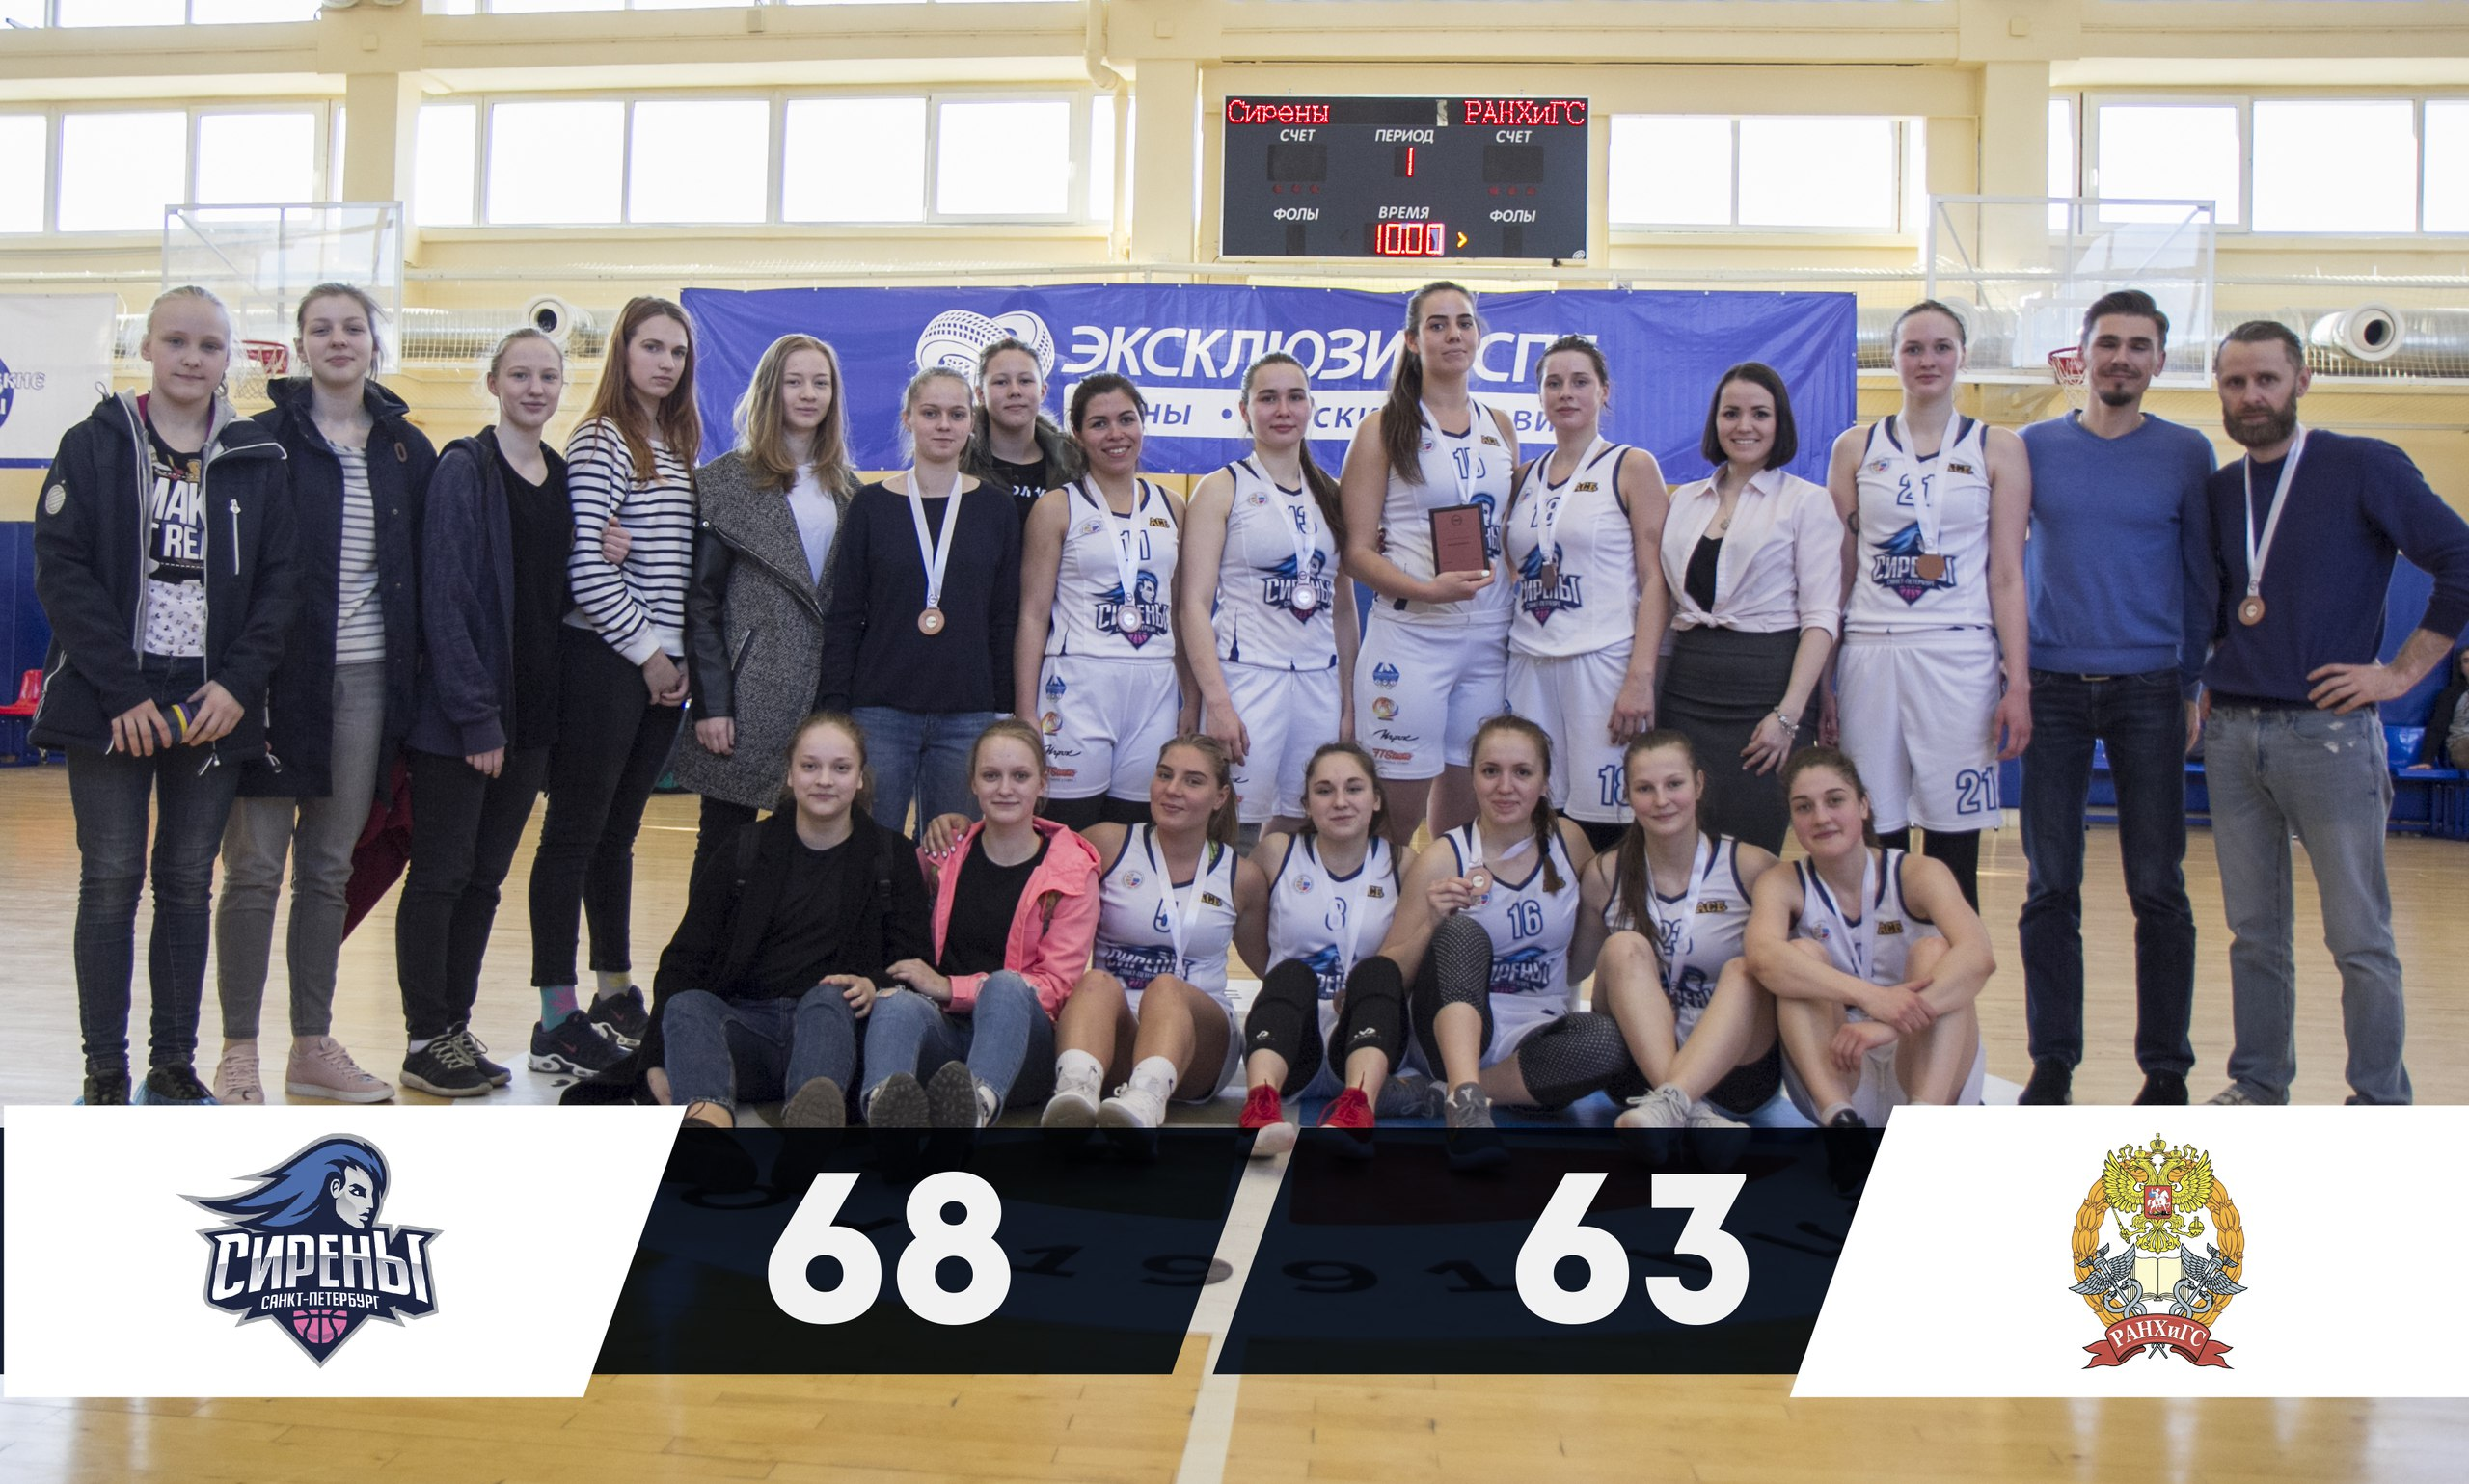 БК «Сирены» - Бронзовые призёры Высшего Дивизиона Чемпионата Санкт-Петербурга 2018